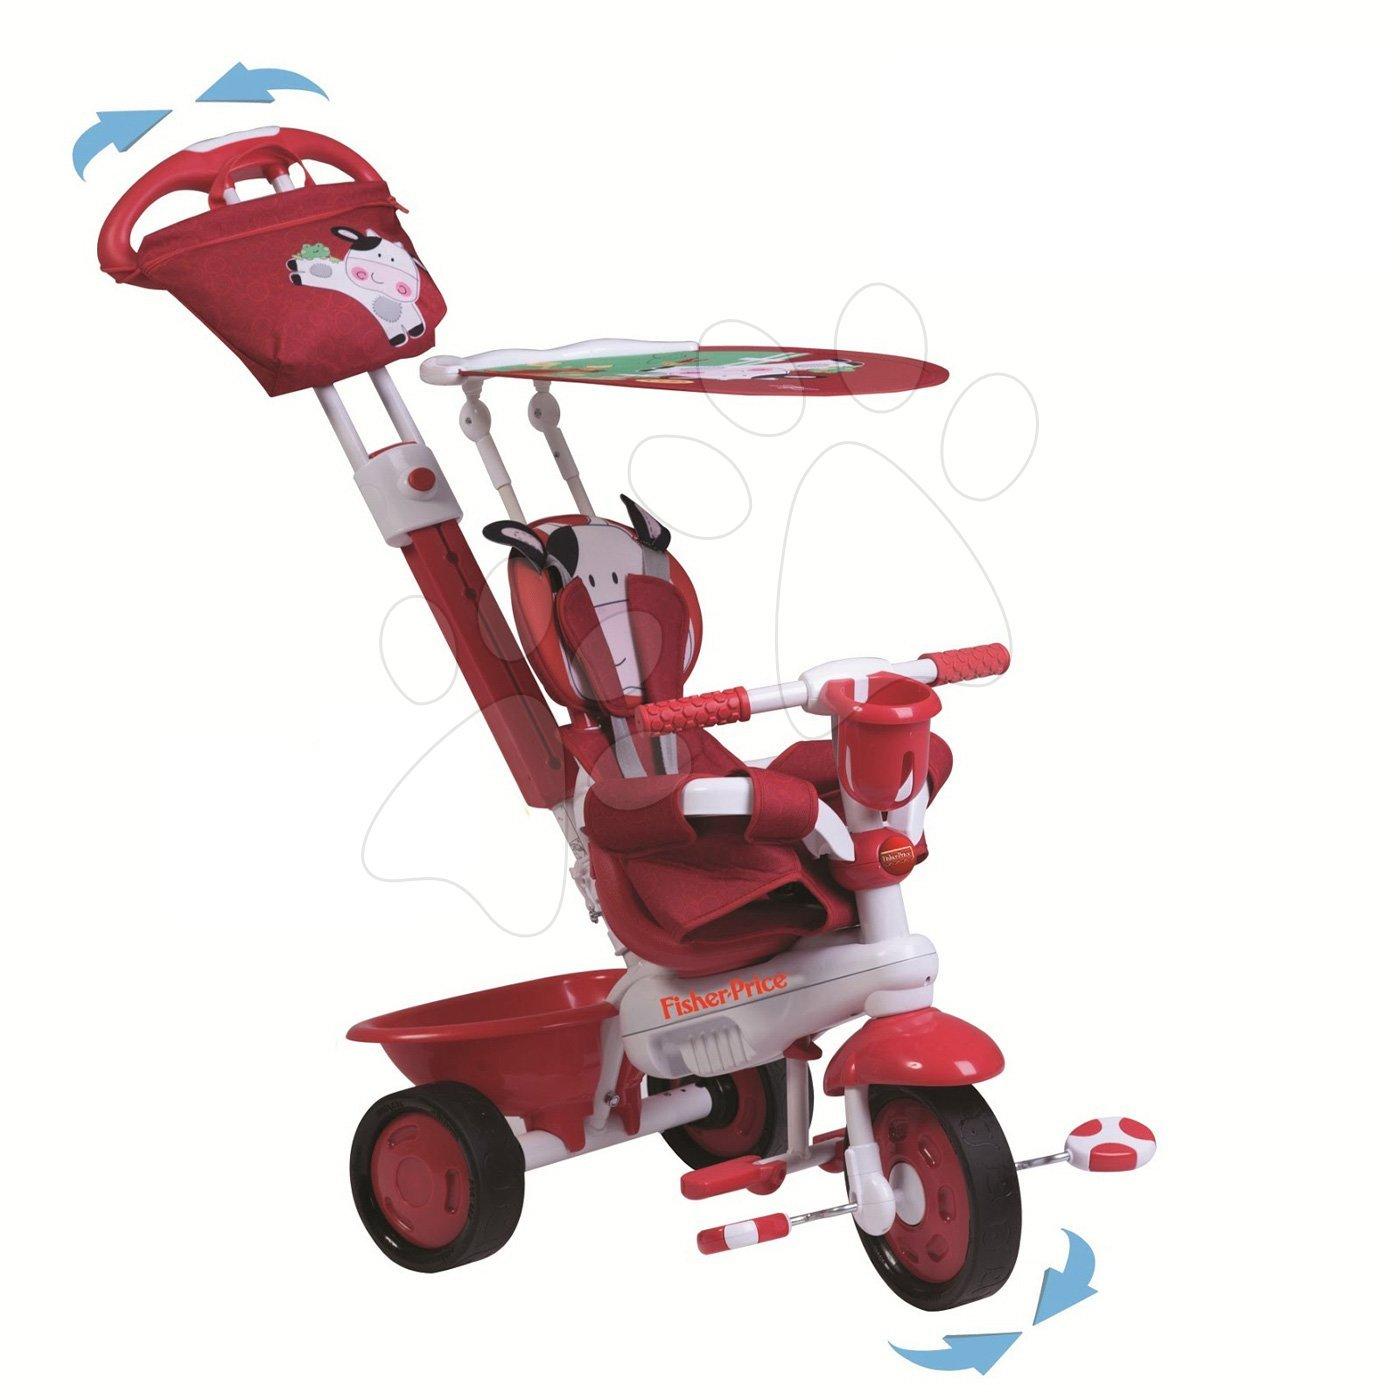 Trojkolky od 10 mesiacov - Trojkolka Fisher-Price Royal Red smarTrike červená od 10 mes